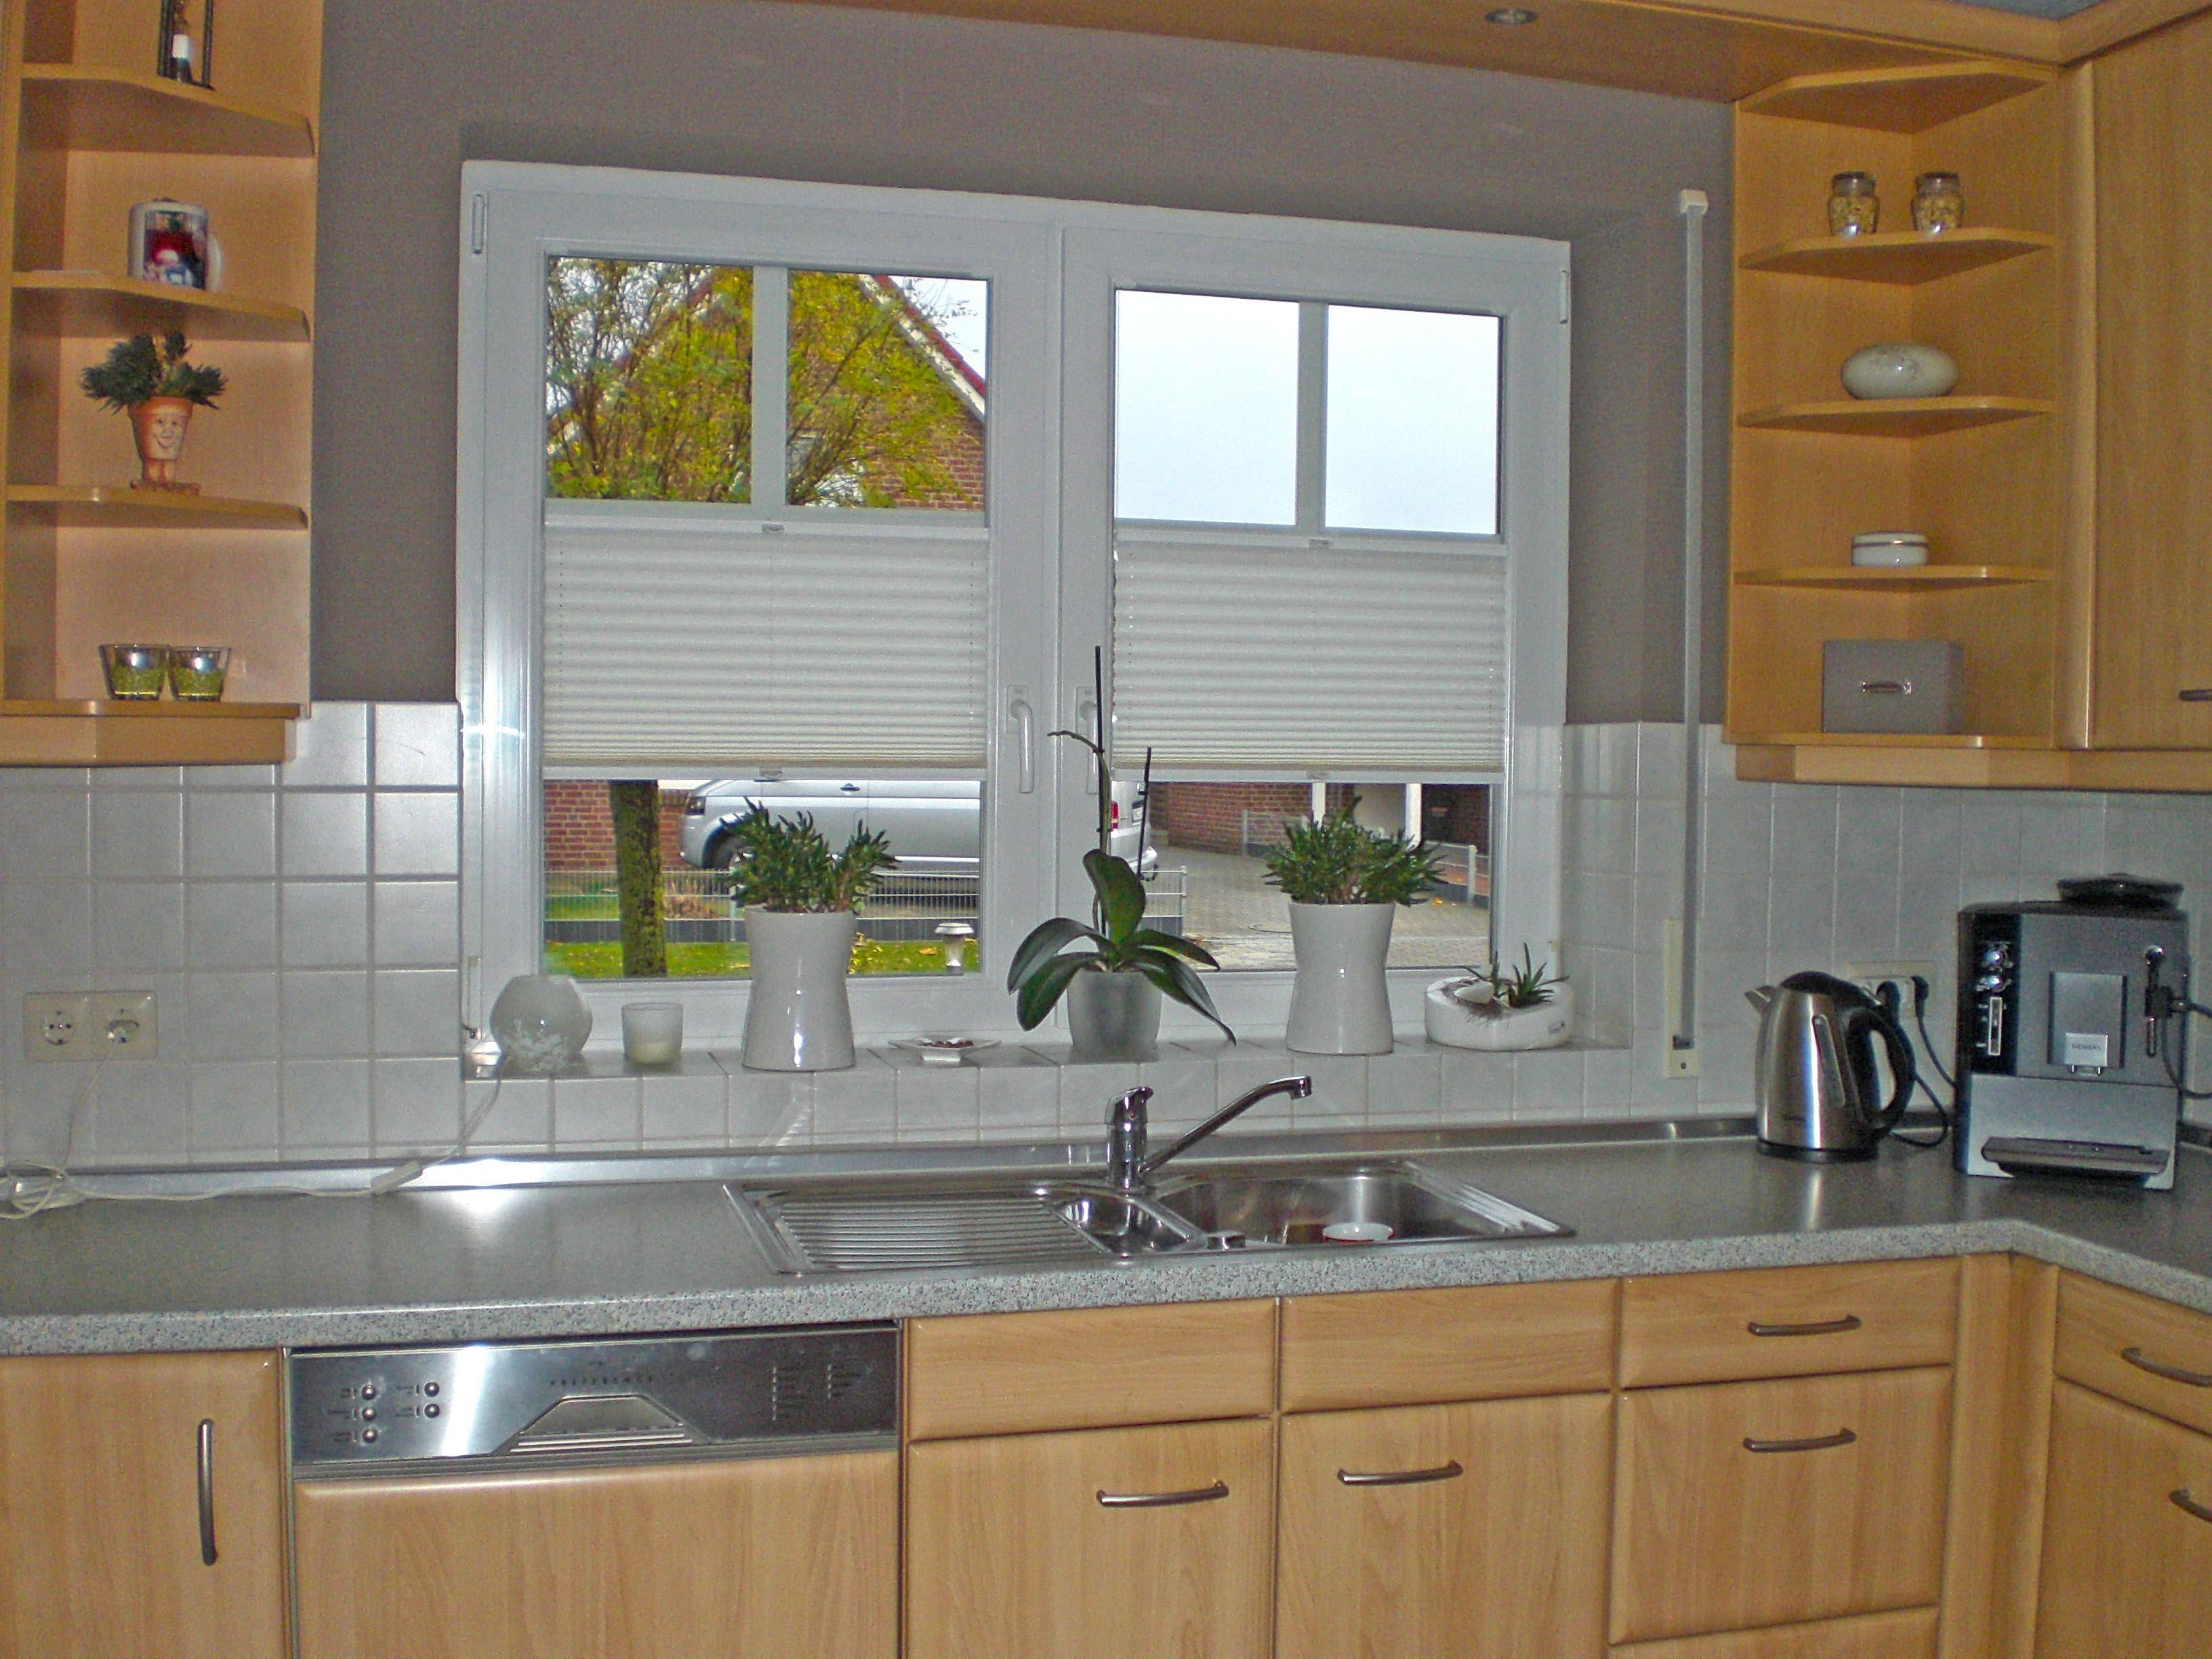 #plissee #küche #kochen Macht Euer Zuhause Schöner Mit Unseren Plissees.